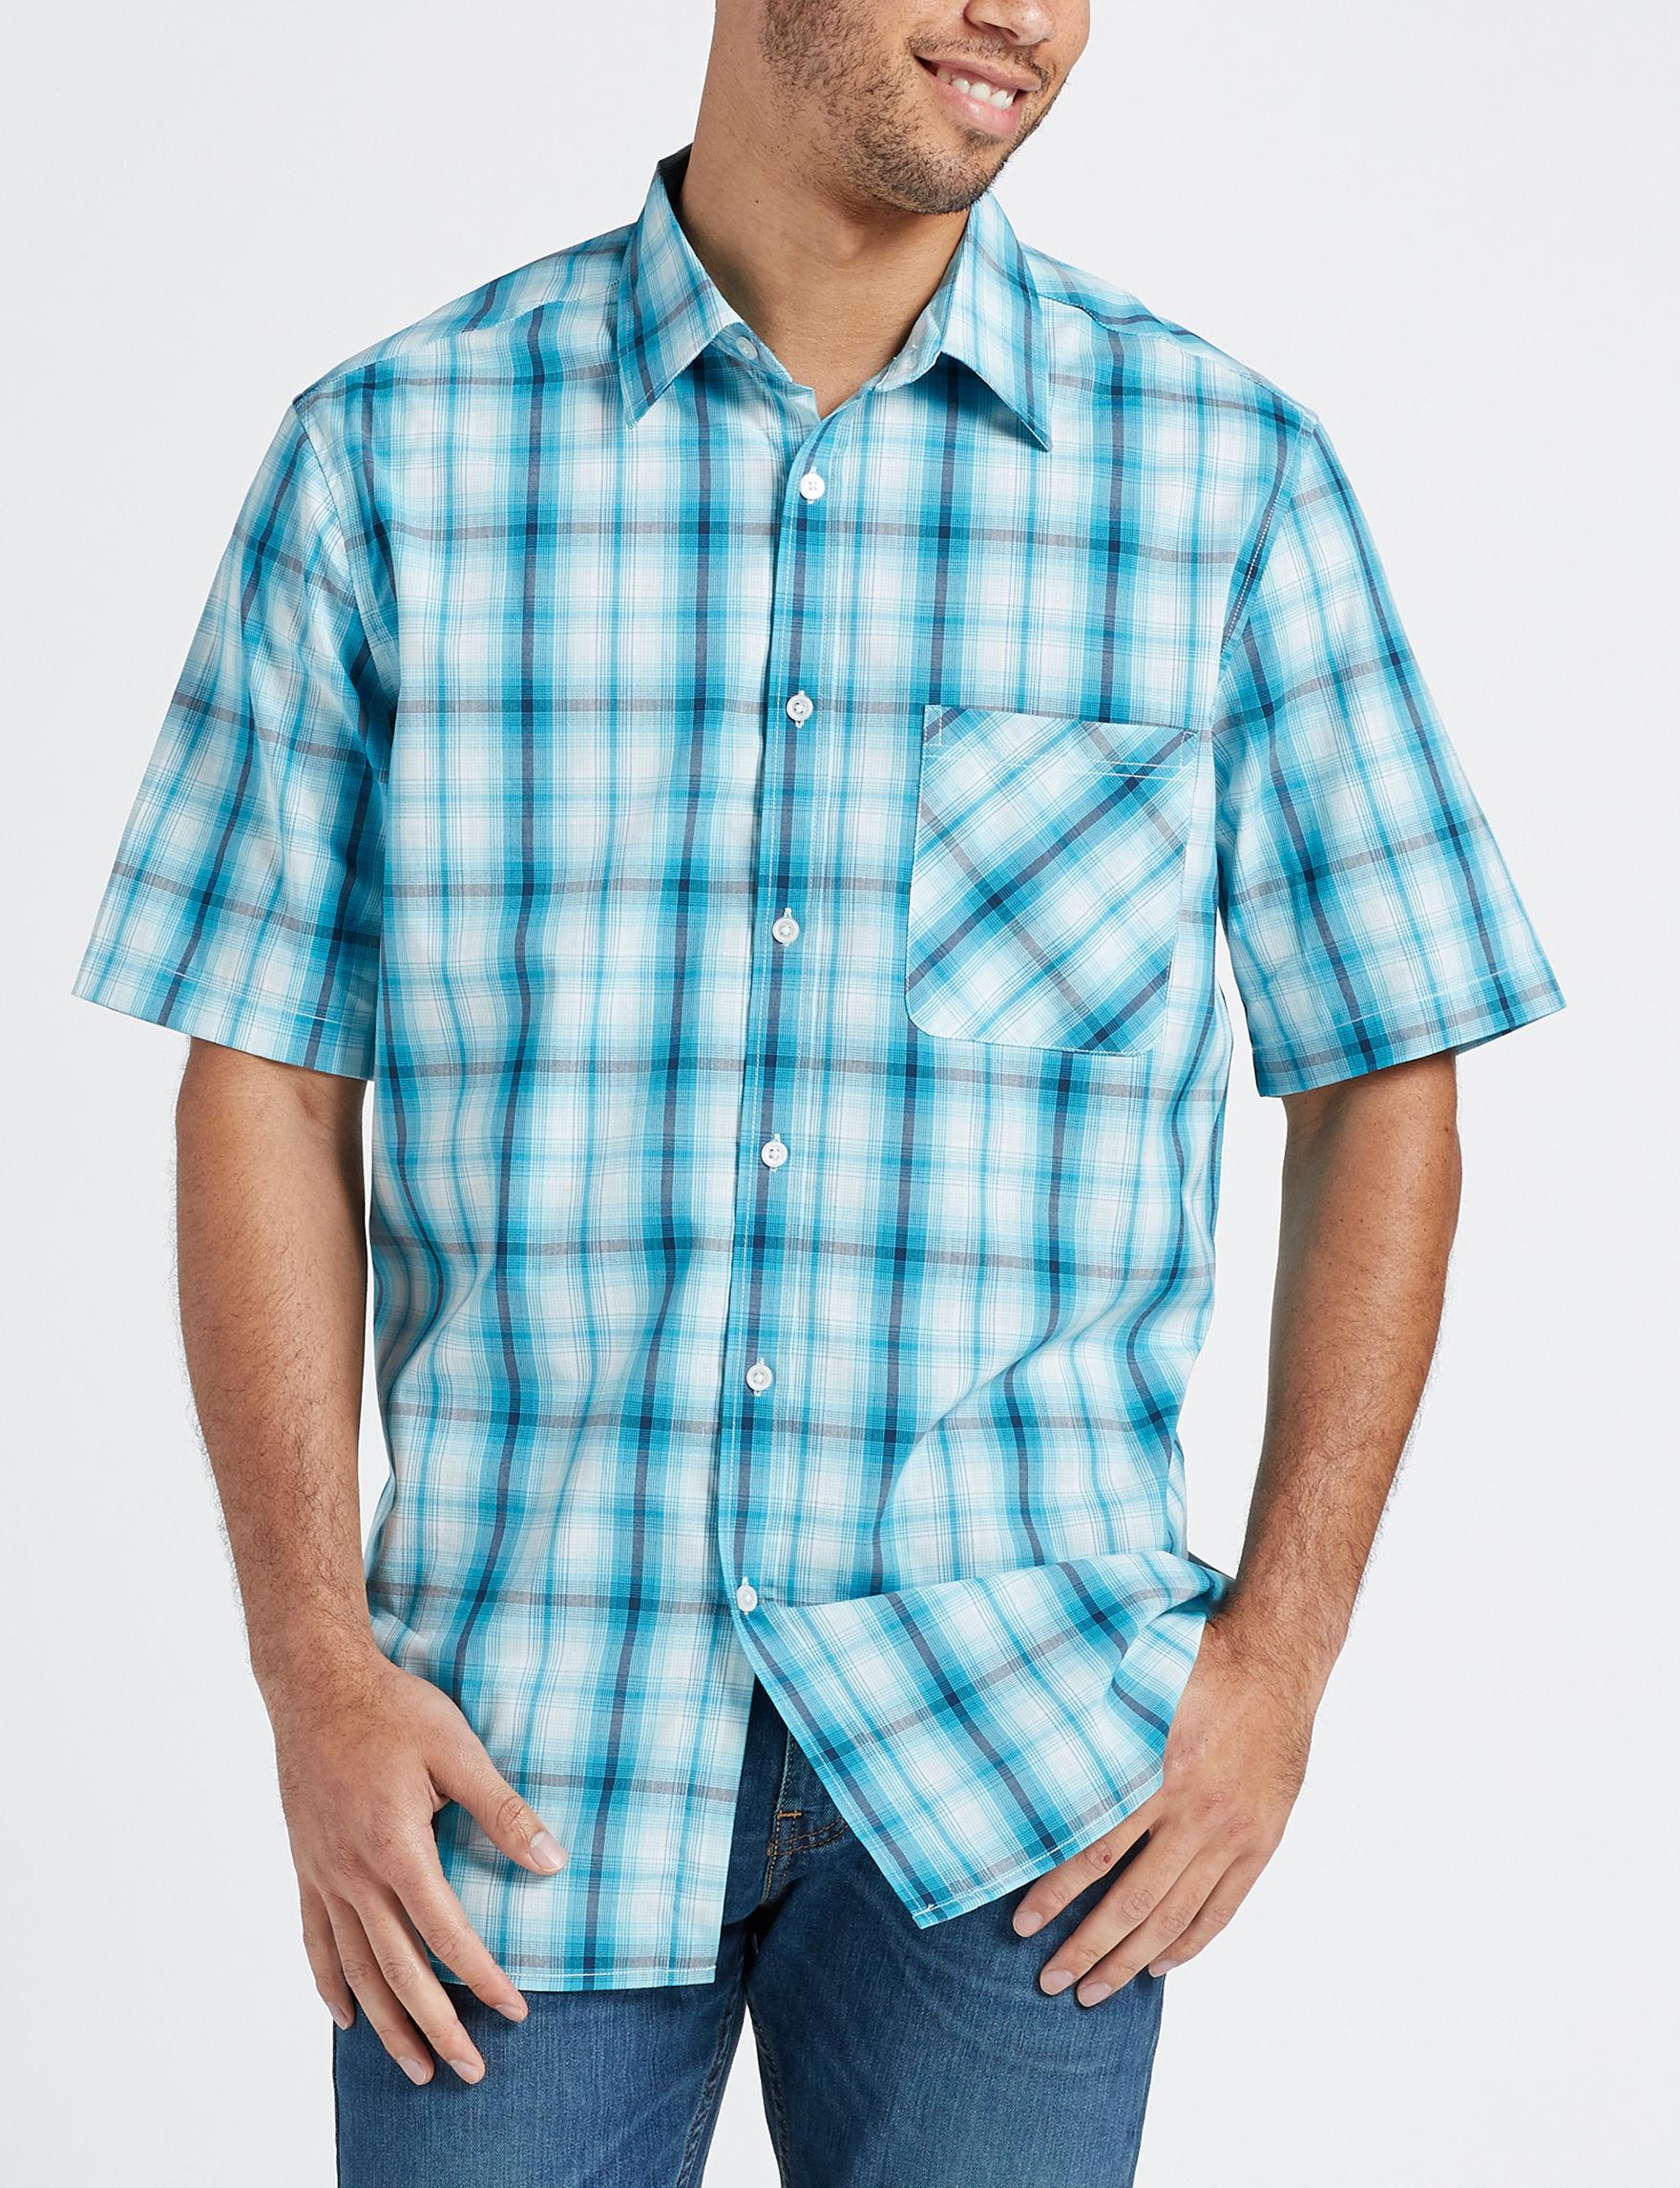 Sun River Green Plaid Casual Button Down Shirts